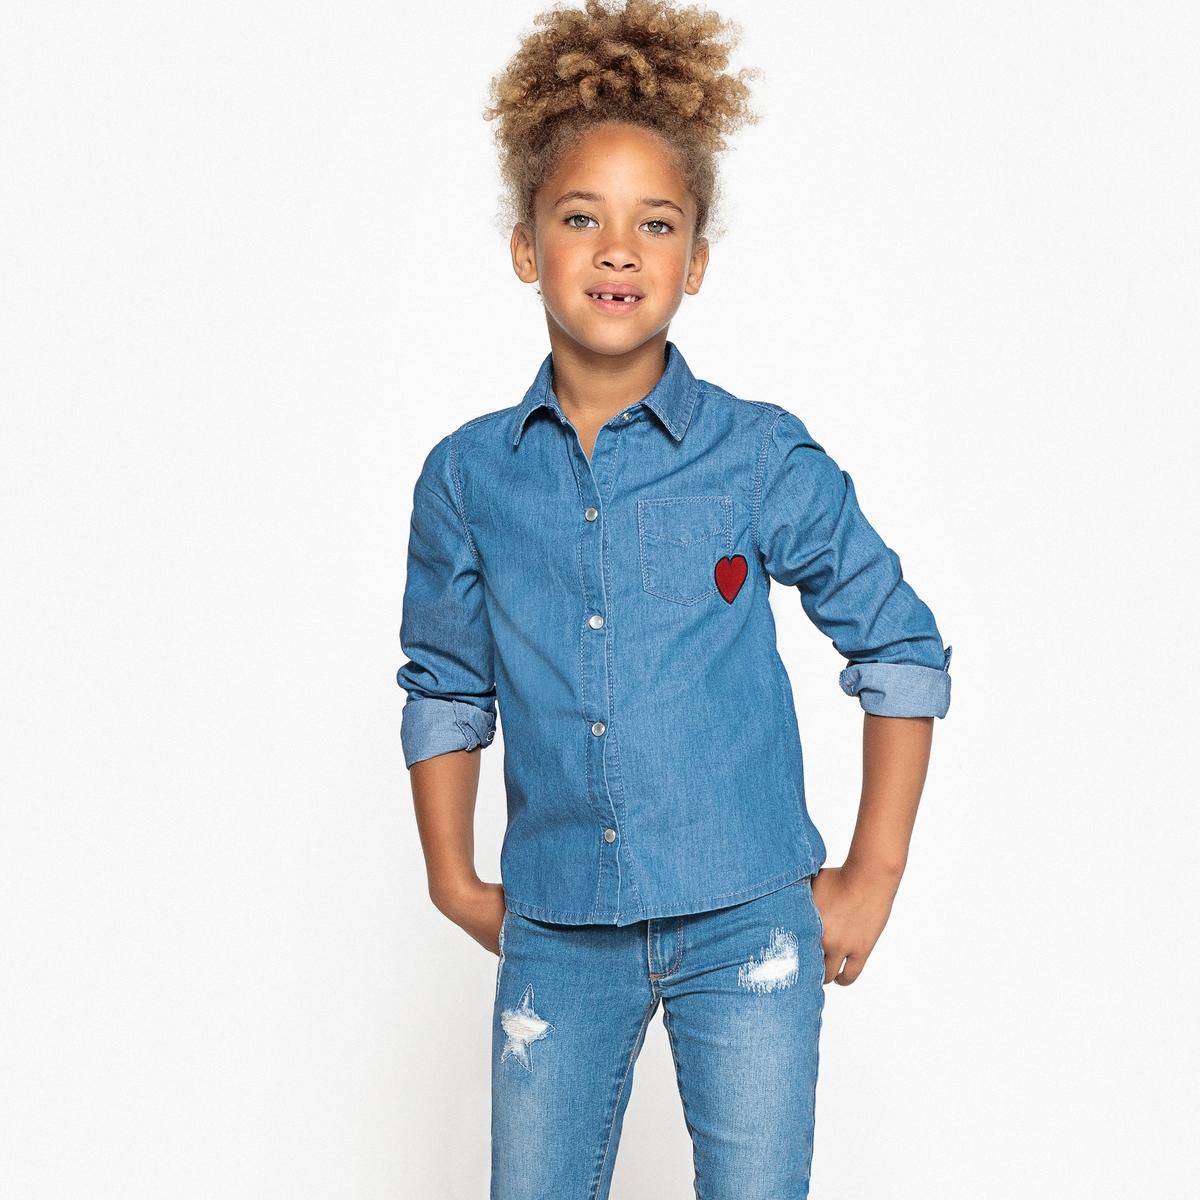 Рубашка джинсовая с рисунком сердце 3-12 лет